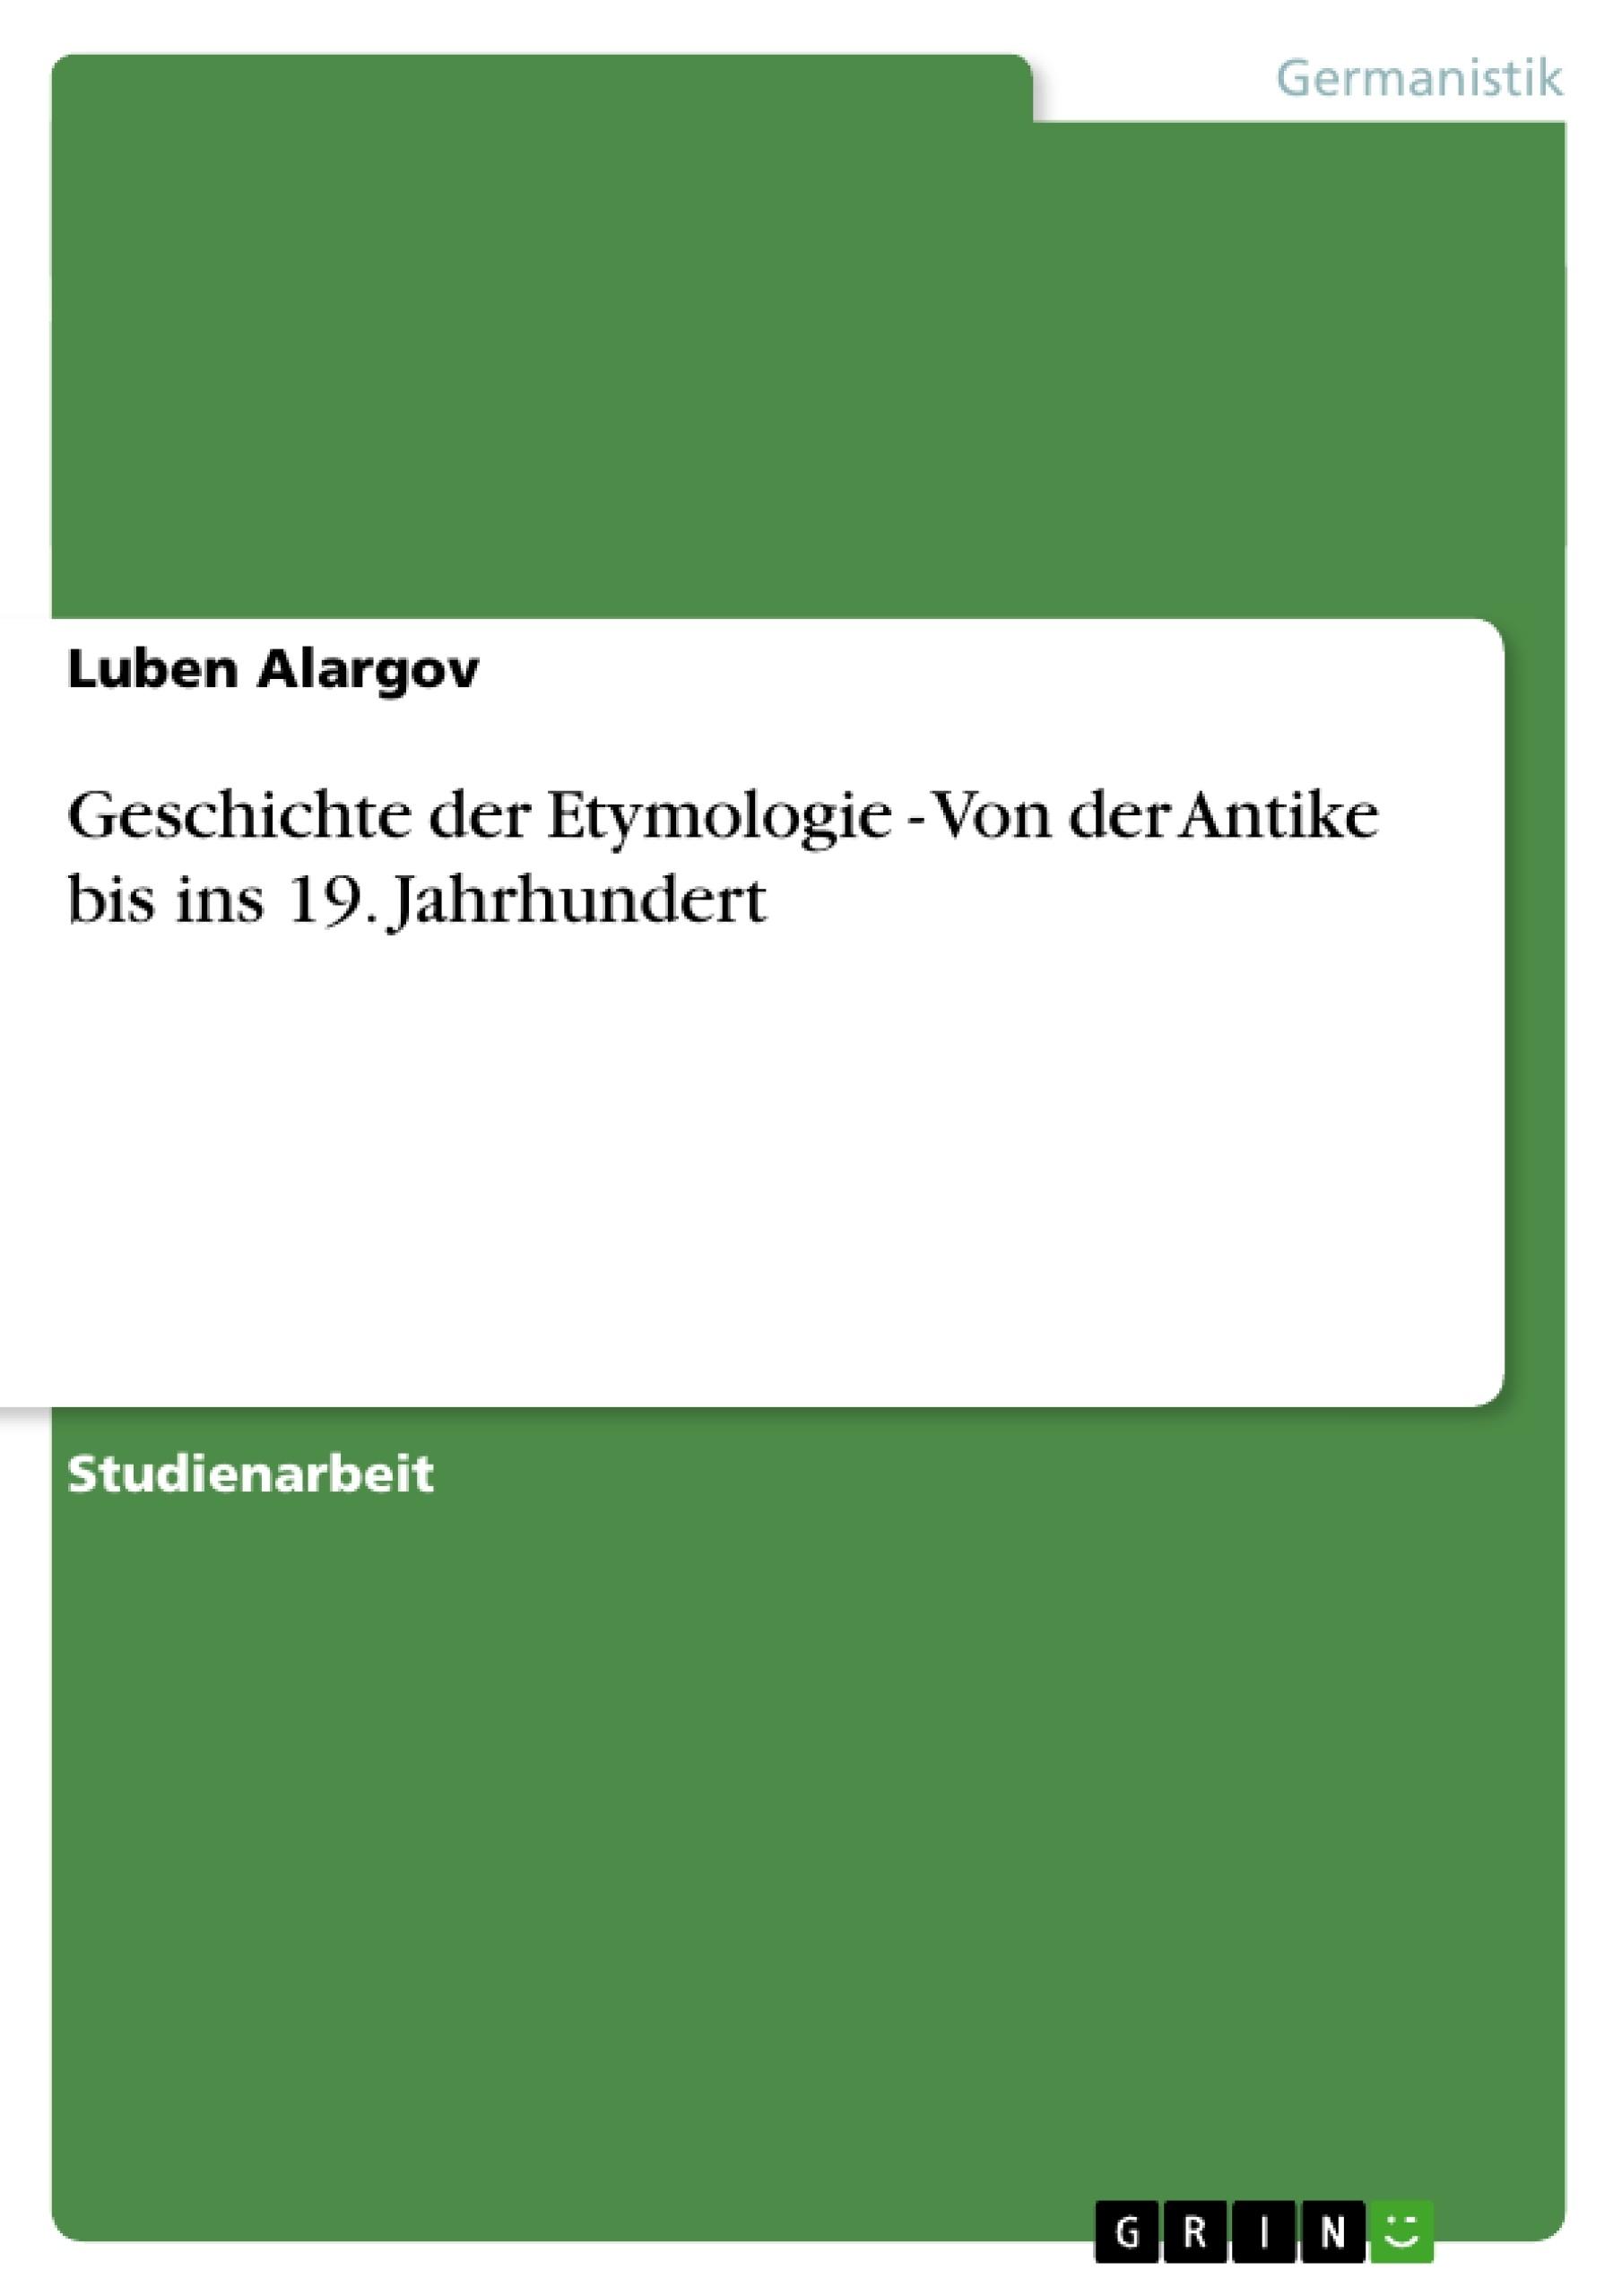 Titel: Geschichte der Etymologie - Von der Antike bis ins 19. Jahrhundert